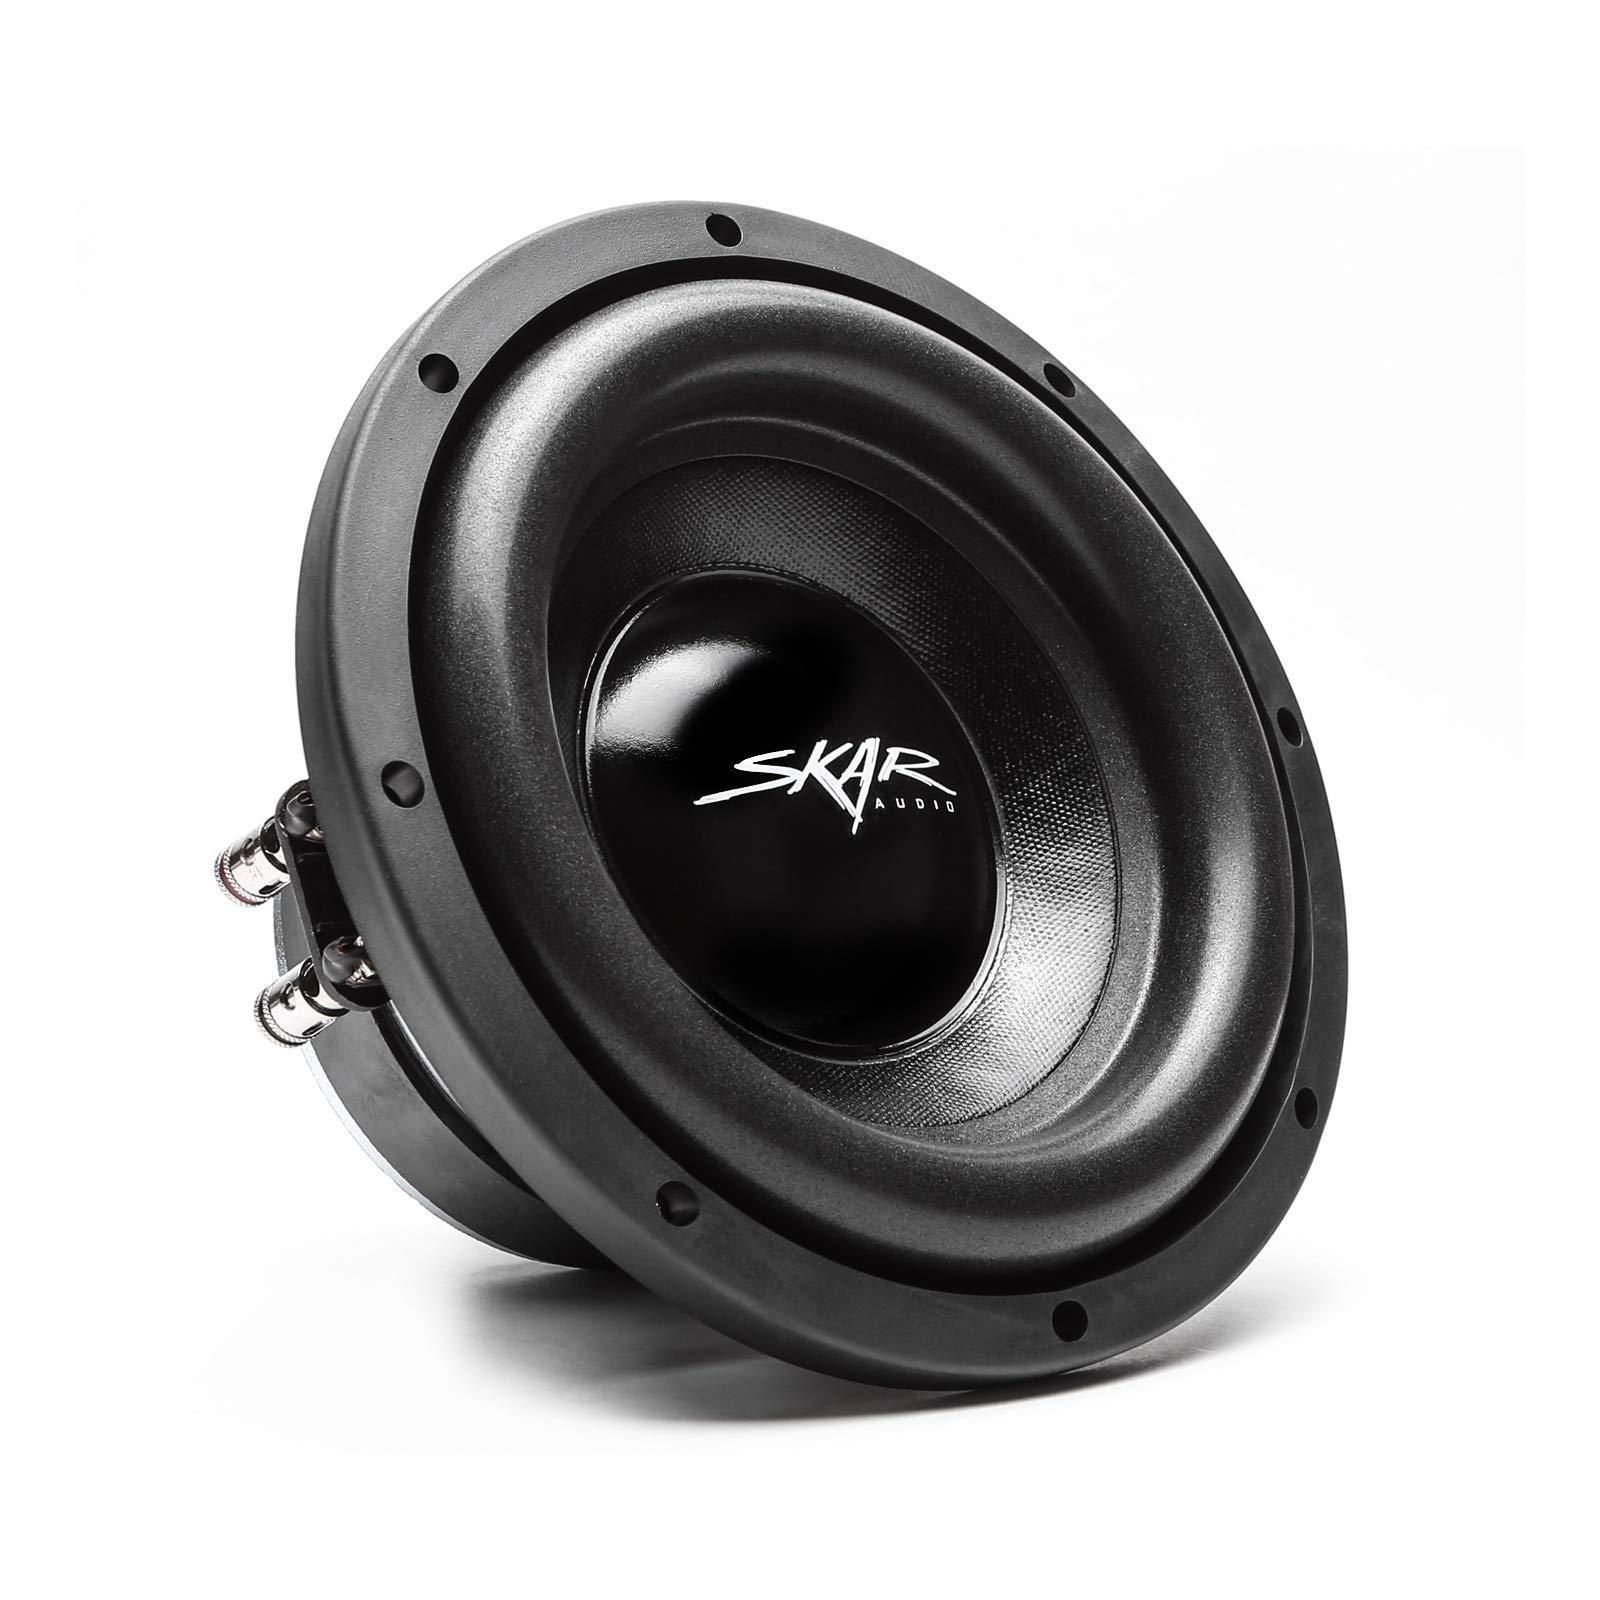 Skar Audio IX 8 D4 Subwoofer